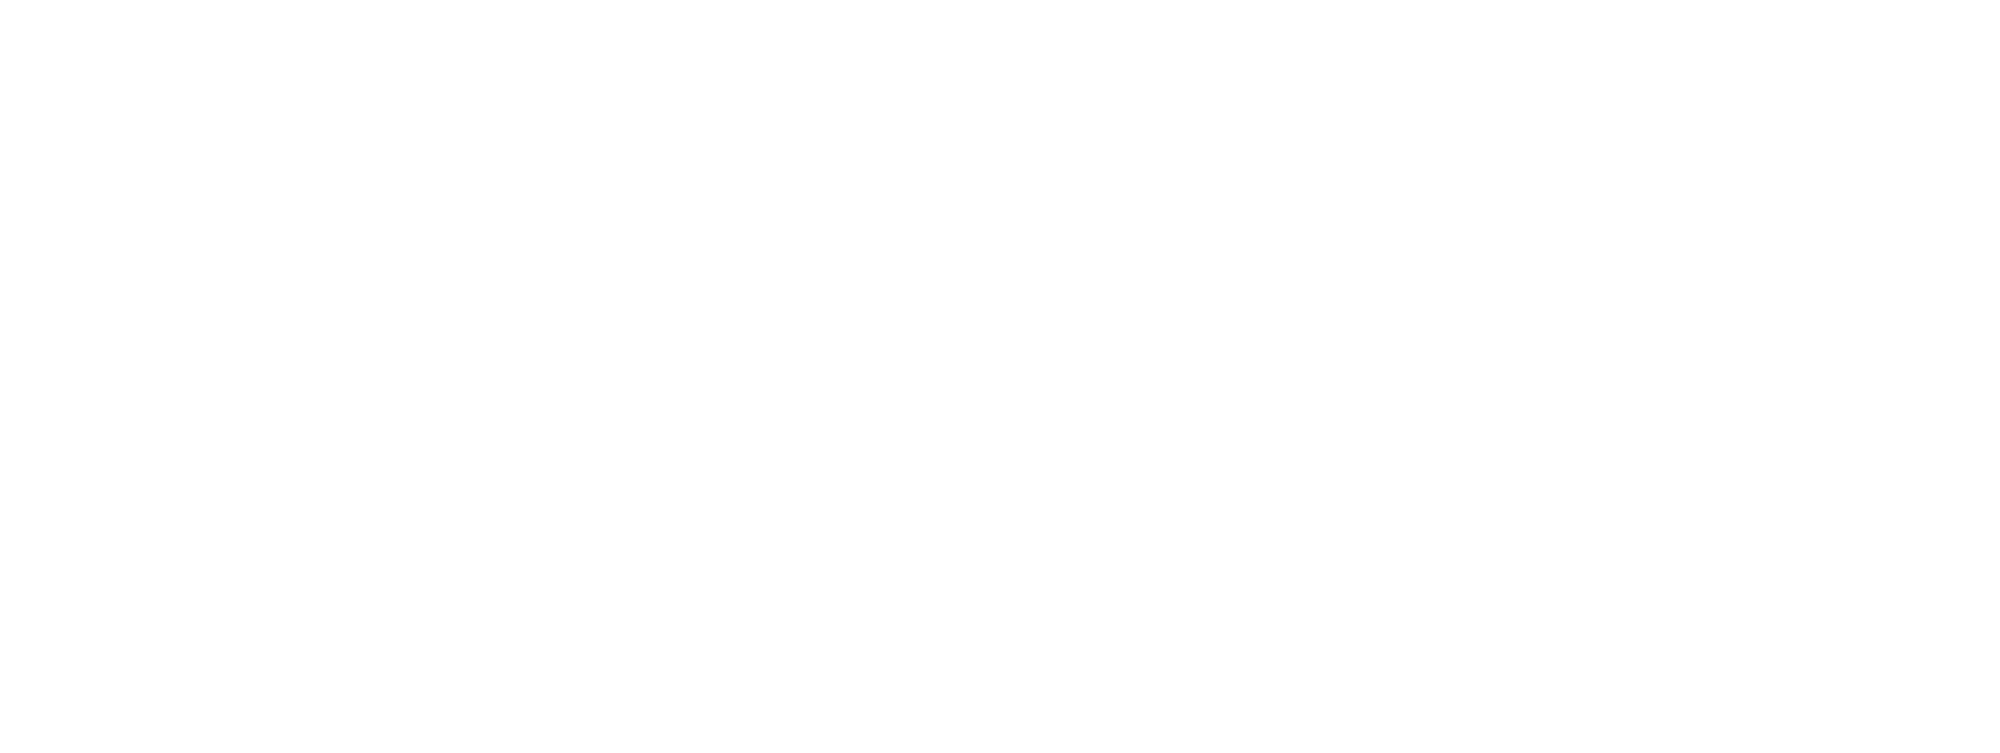 lux analysis-logo-white.png